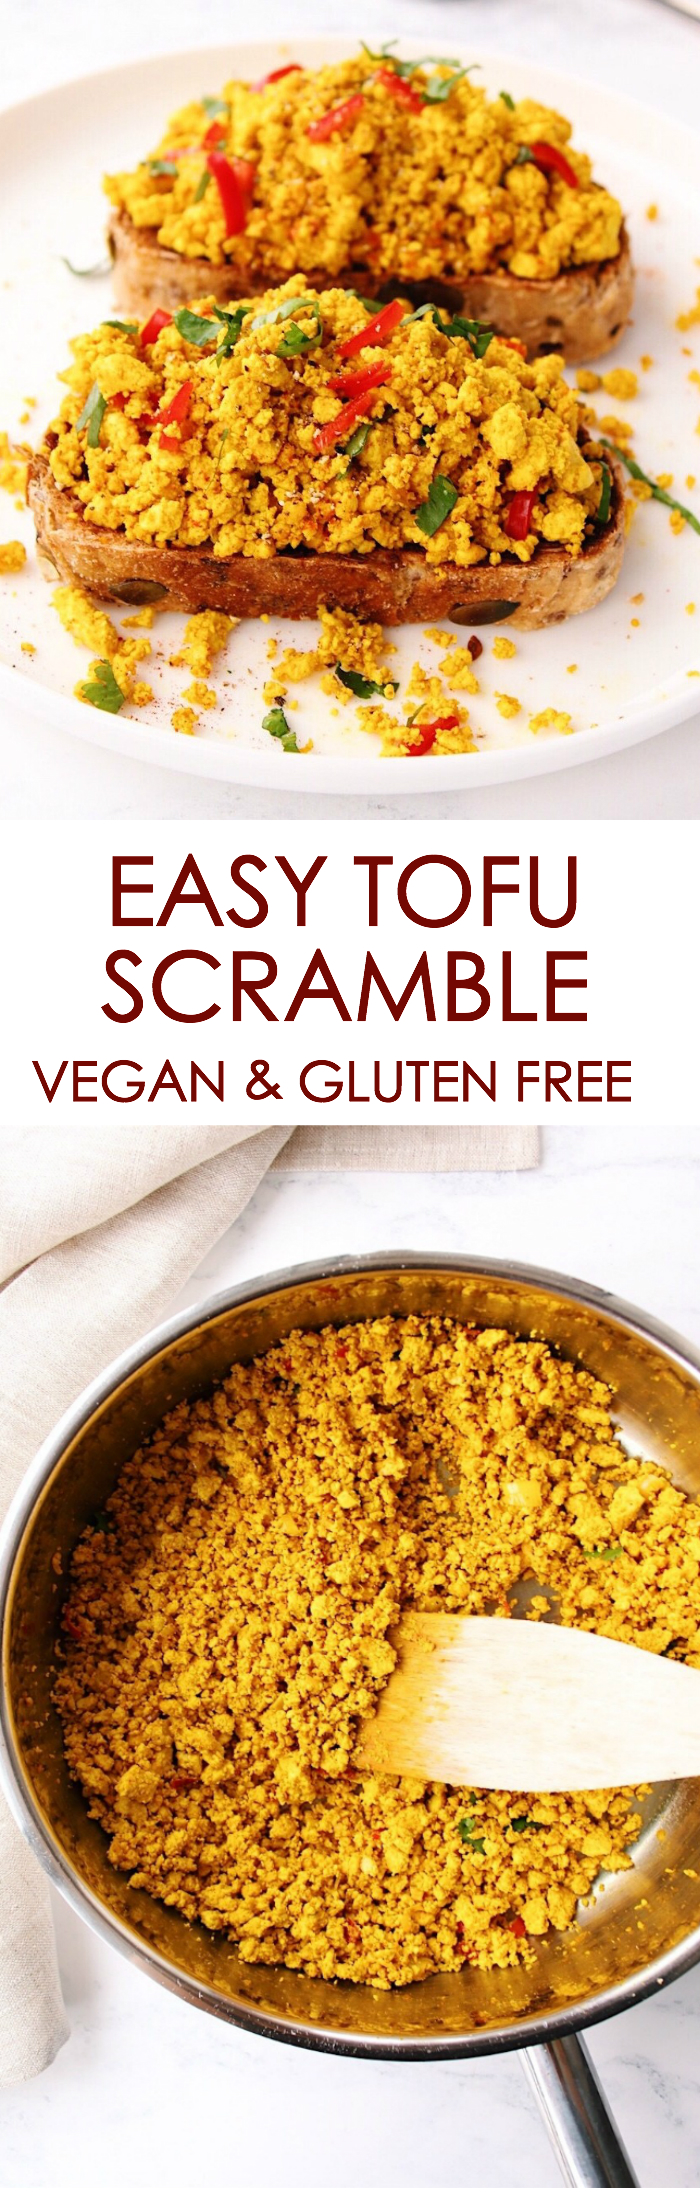 Easy Tofu Scramble {vegan, gluten free}